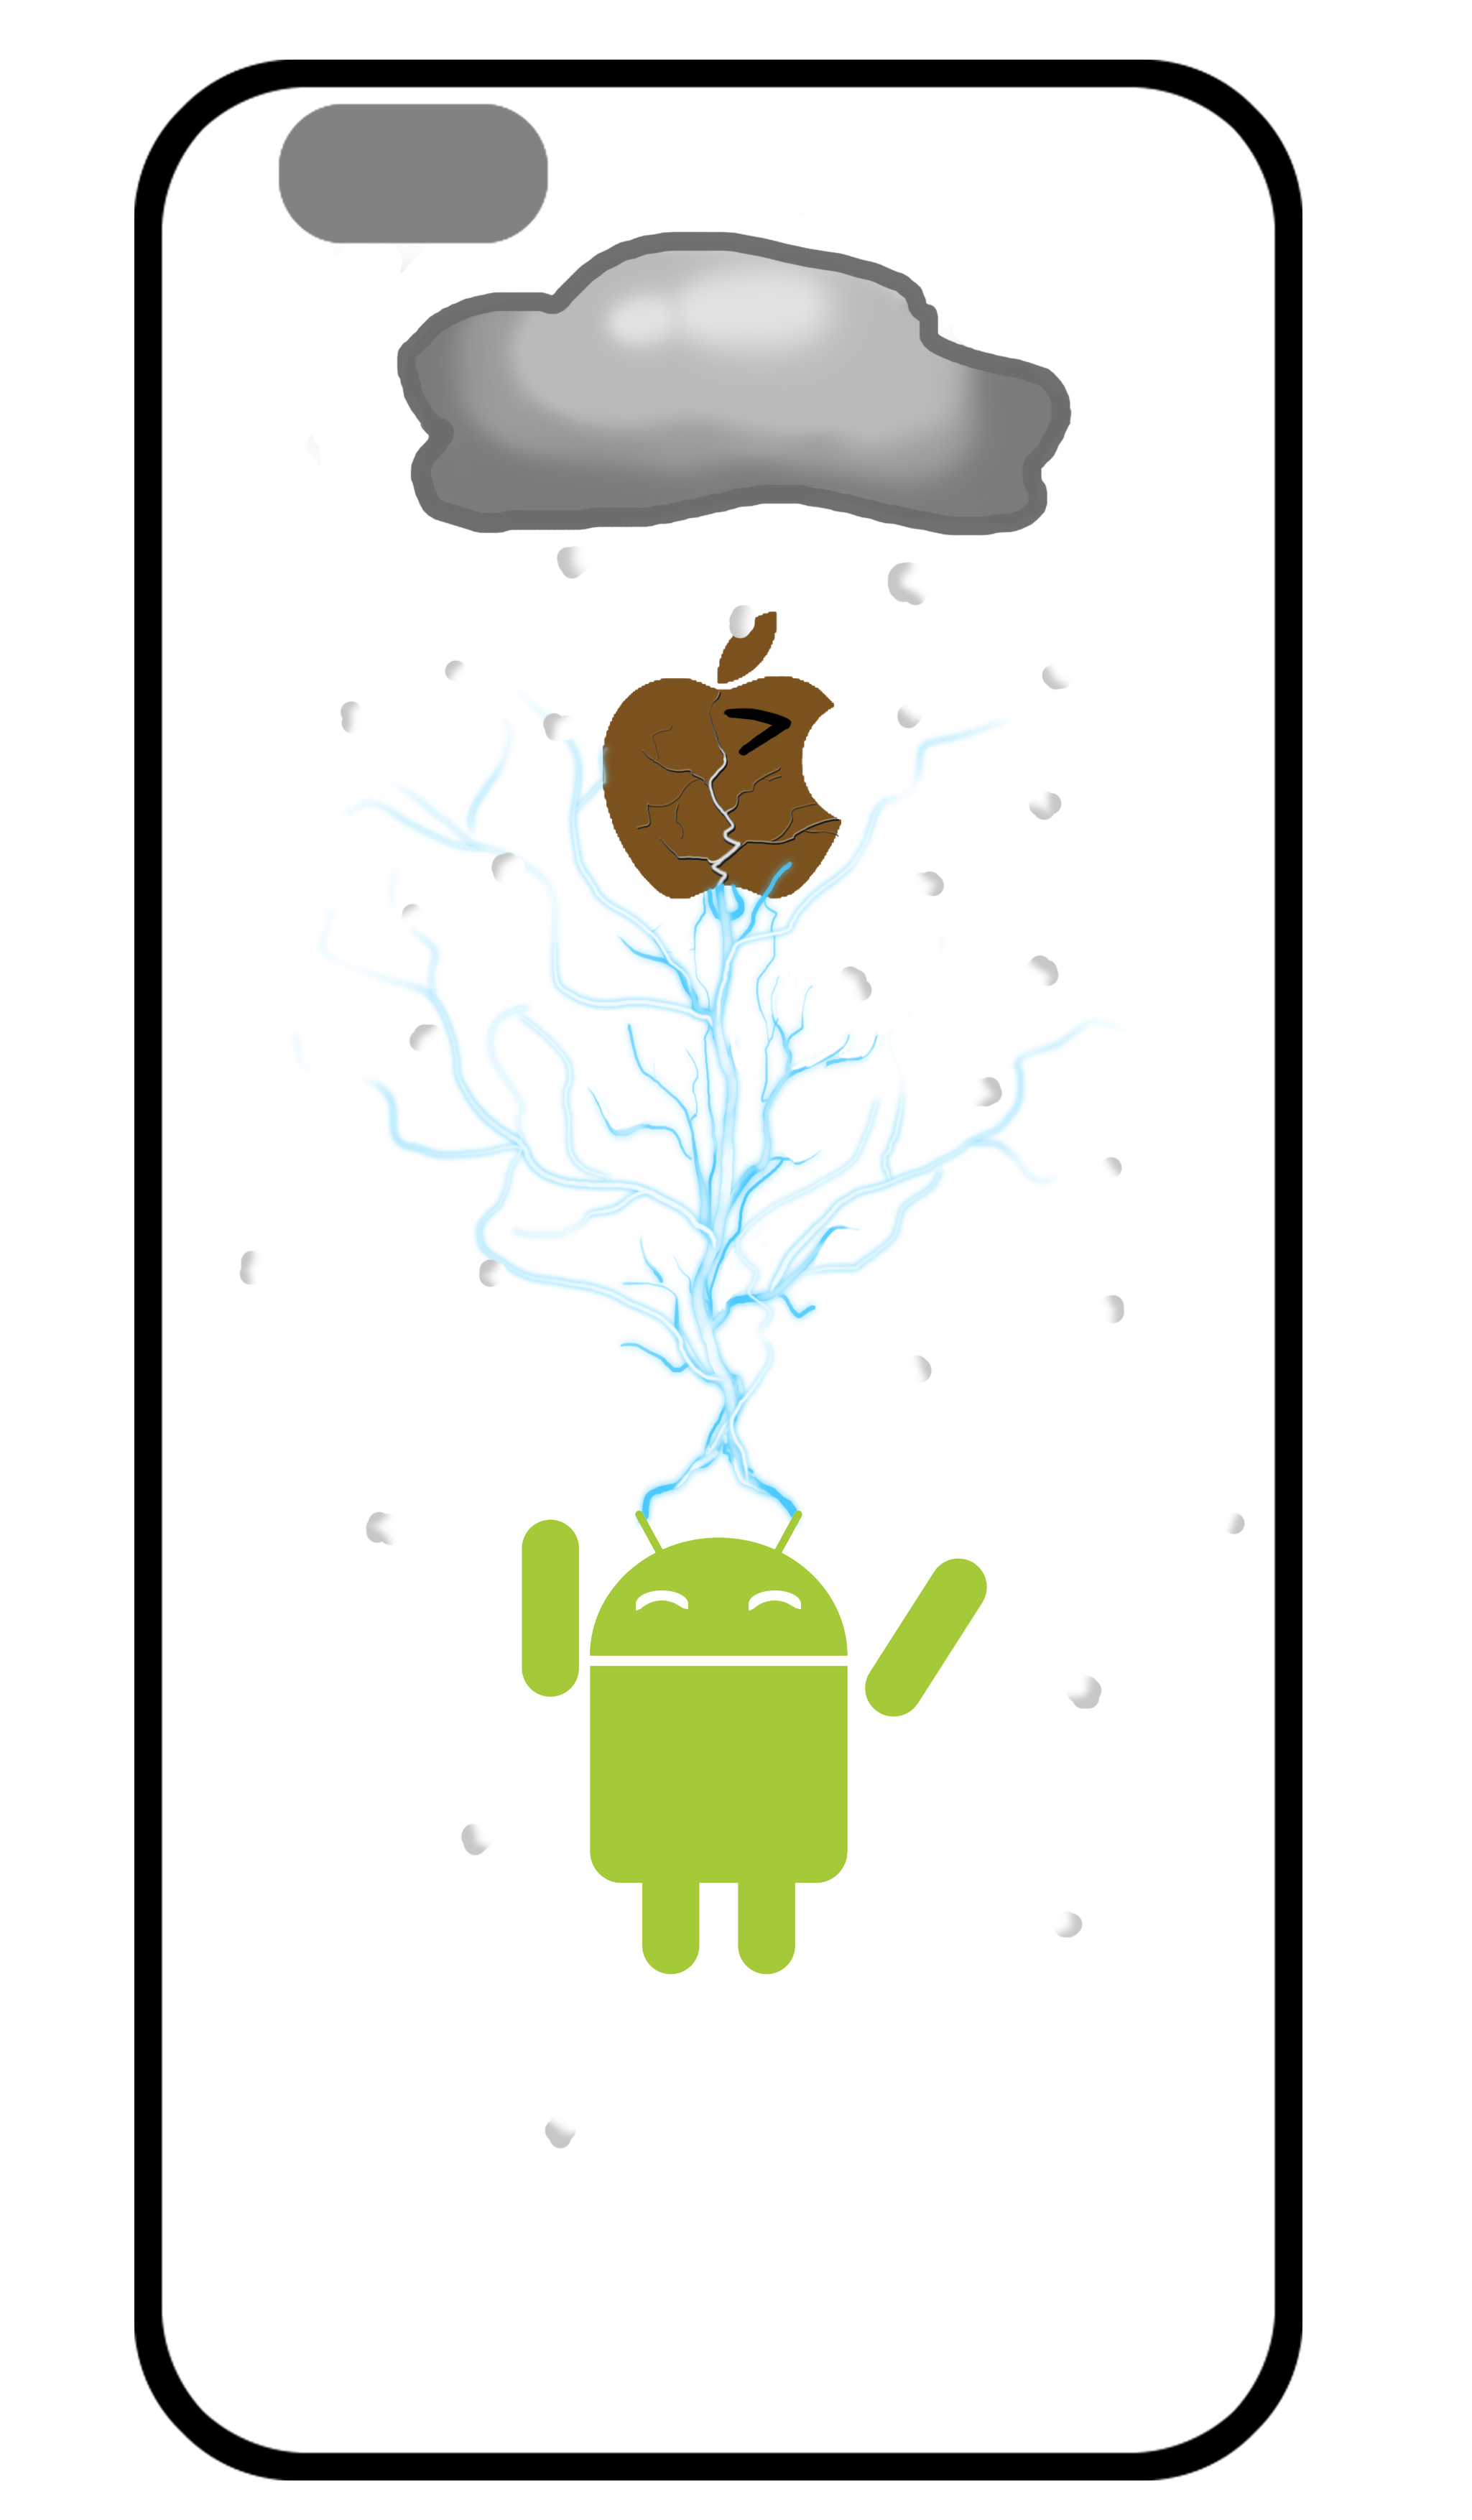 苹果手机壳个性设计|平面|品牌|黑泡沫的飘逸 - 原创图片